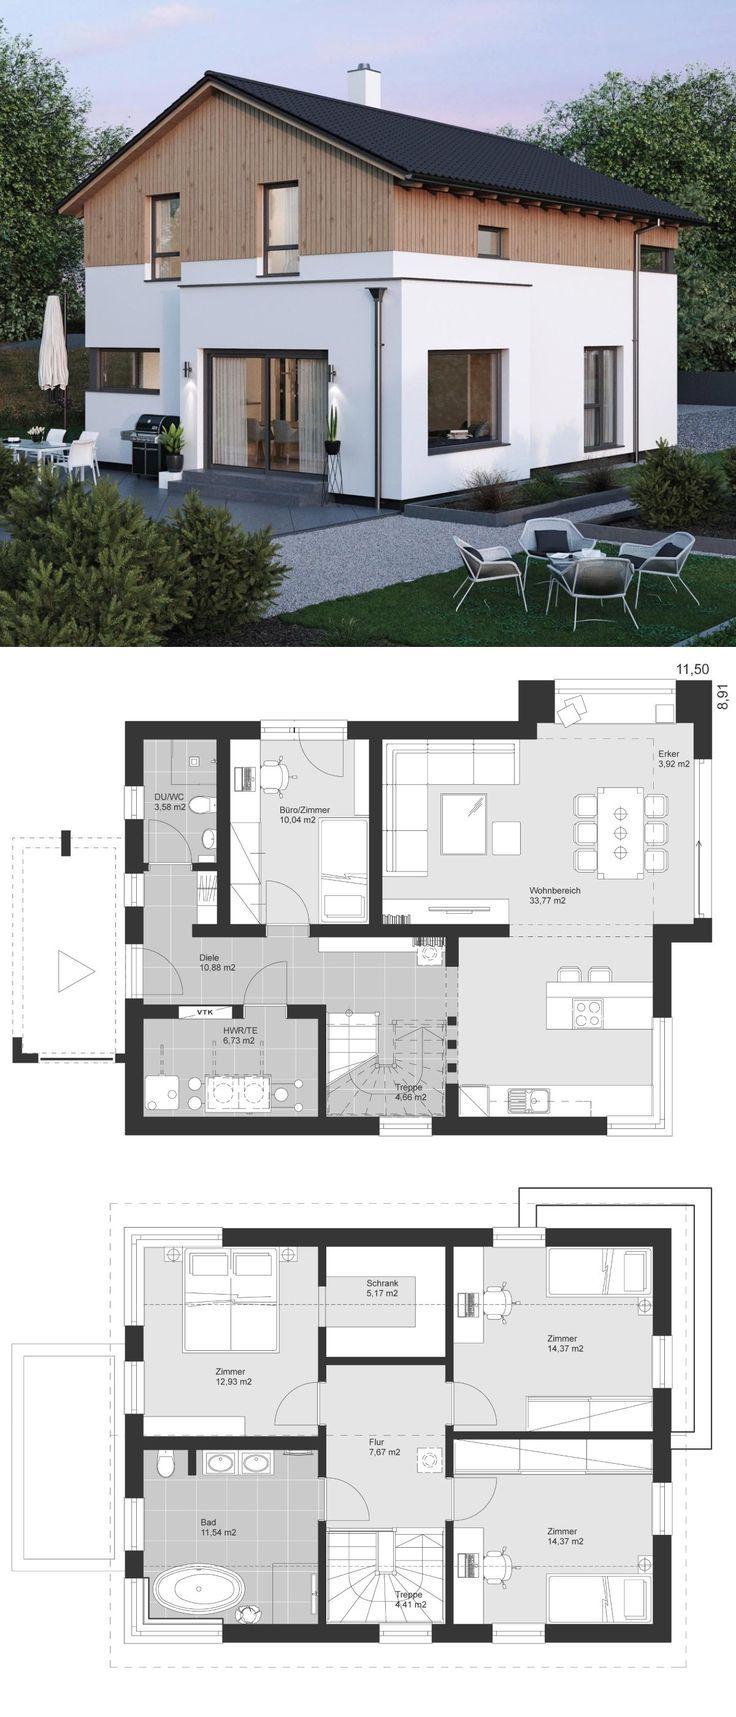 Einfamilienhaus modern im Landhausstil Grundrisse mit Satteldach Architektur, Er… – Holz ideen  – Holz ideen